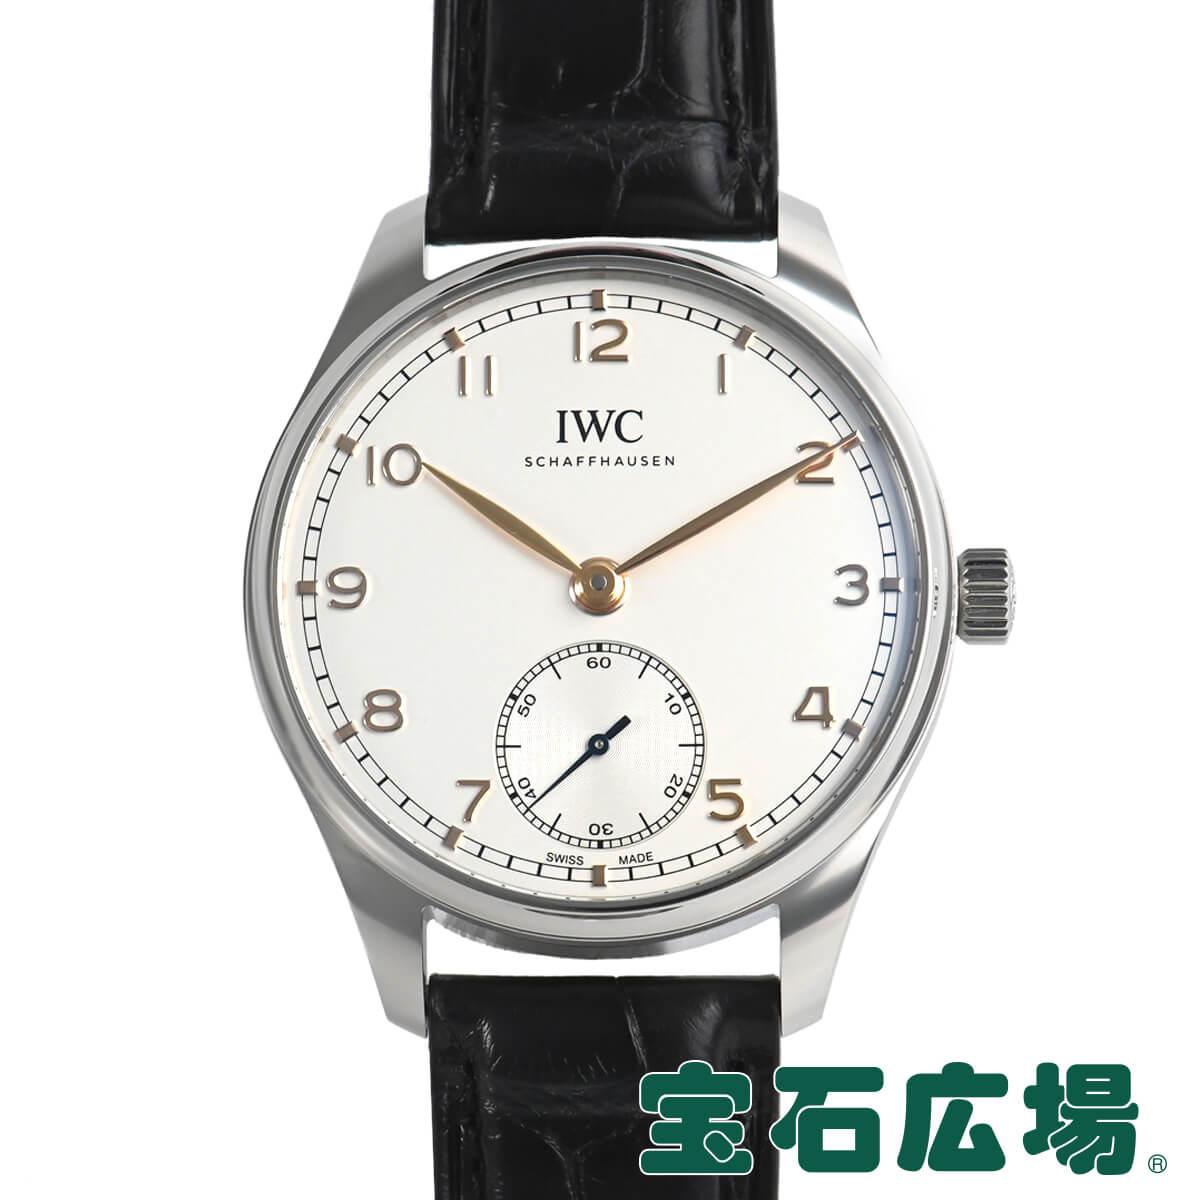 【スーパーセール】 IWC インターナショナルウォッチカンパニー ポルトギーゼオートマティック40 IW358303【新品】メンズ 腕時計 送料無料, ハイバラチョウ 20dc38cf